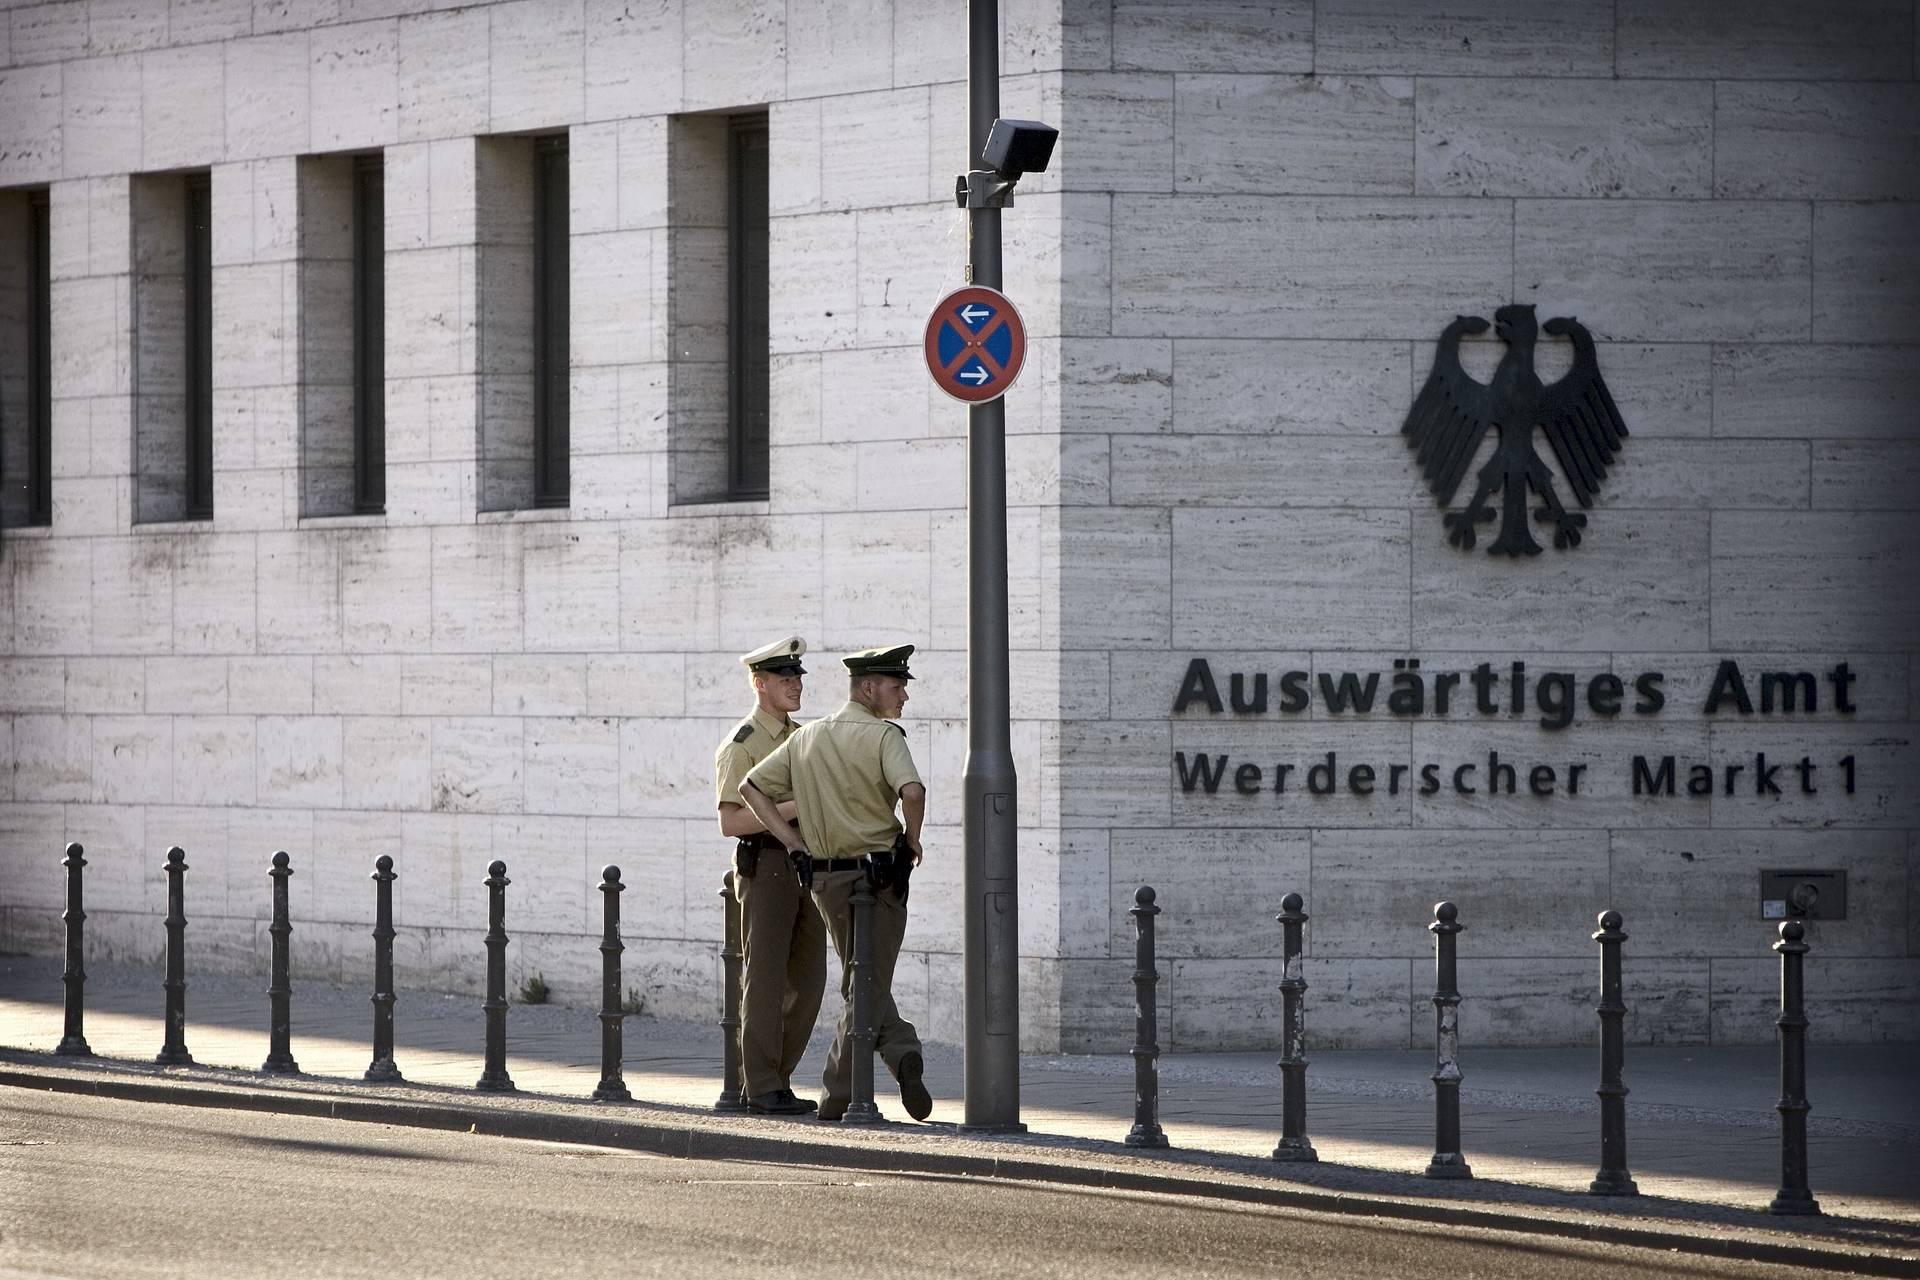 Auf der Internetseite des Auswärtigen Amts gibt es aktuelle Reisewarnungen. (Foto: dpa)